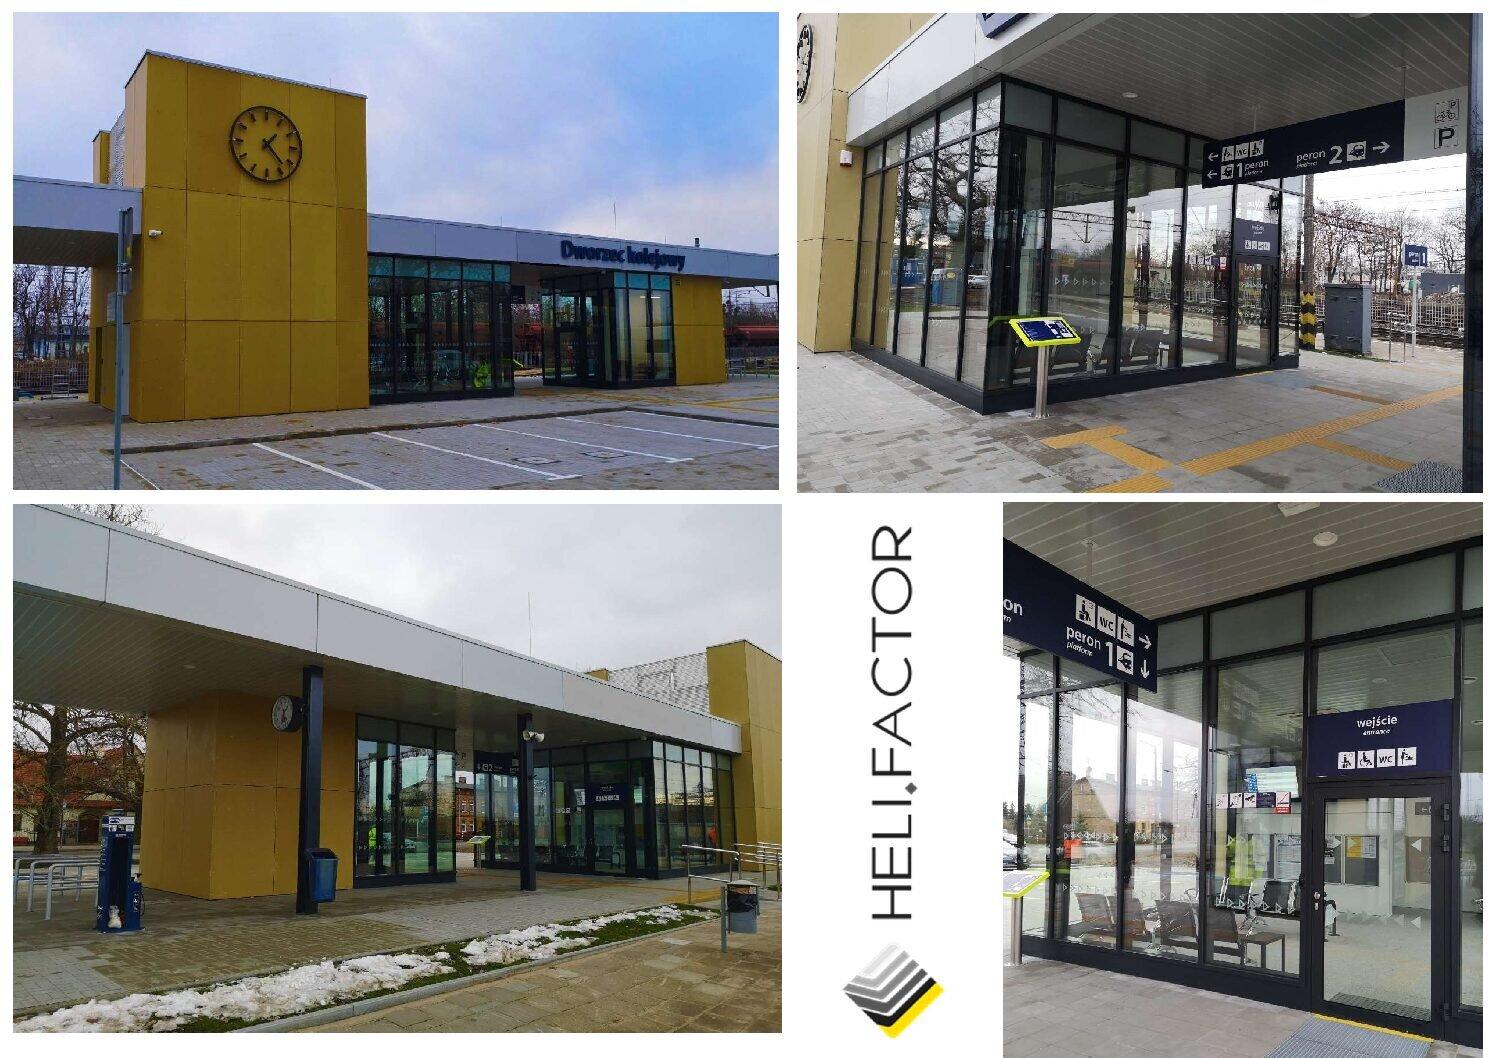 Pierwszy dworzec kolejowy budowany przez Heli Factor otwarty dla pasażerów!